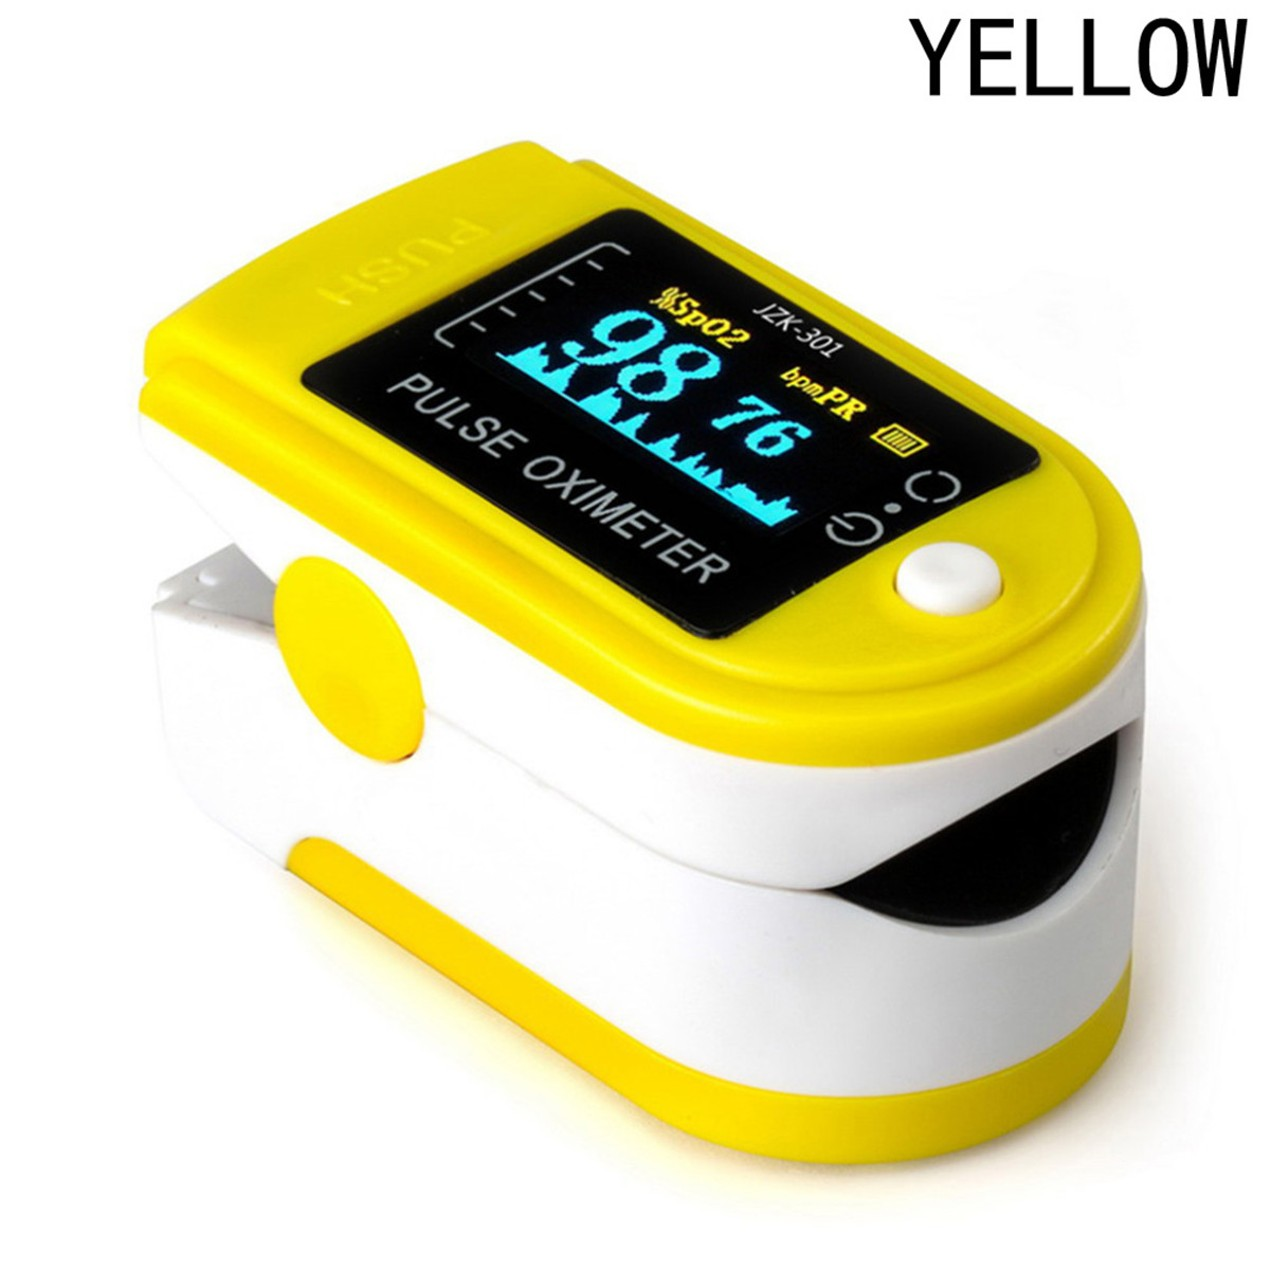 Finger Tip Pulse Oximeter Blood Oxygen Meter Spo2 Heart Rate Monitor